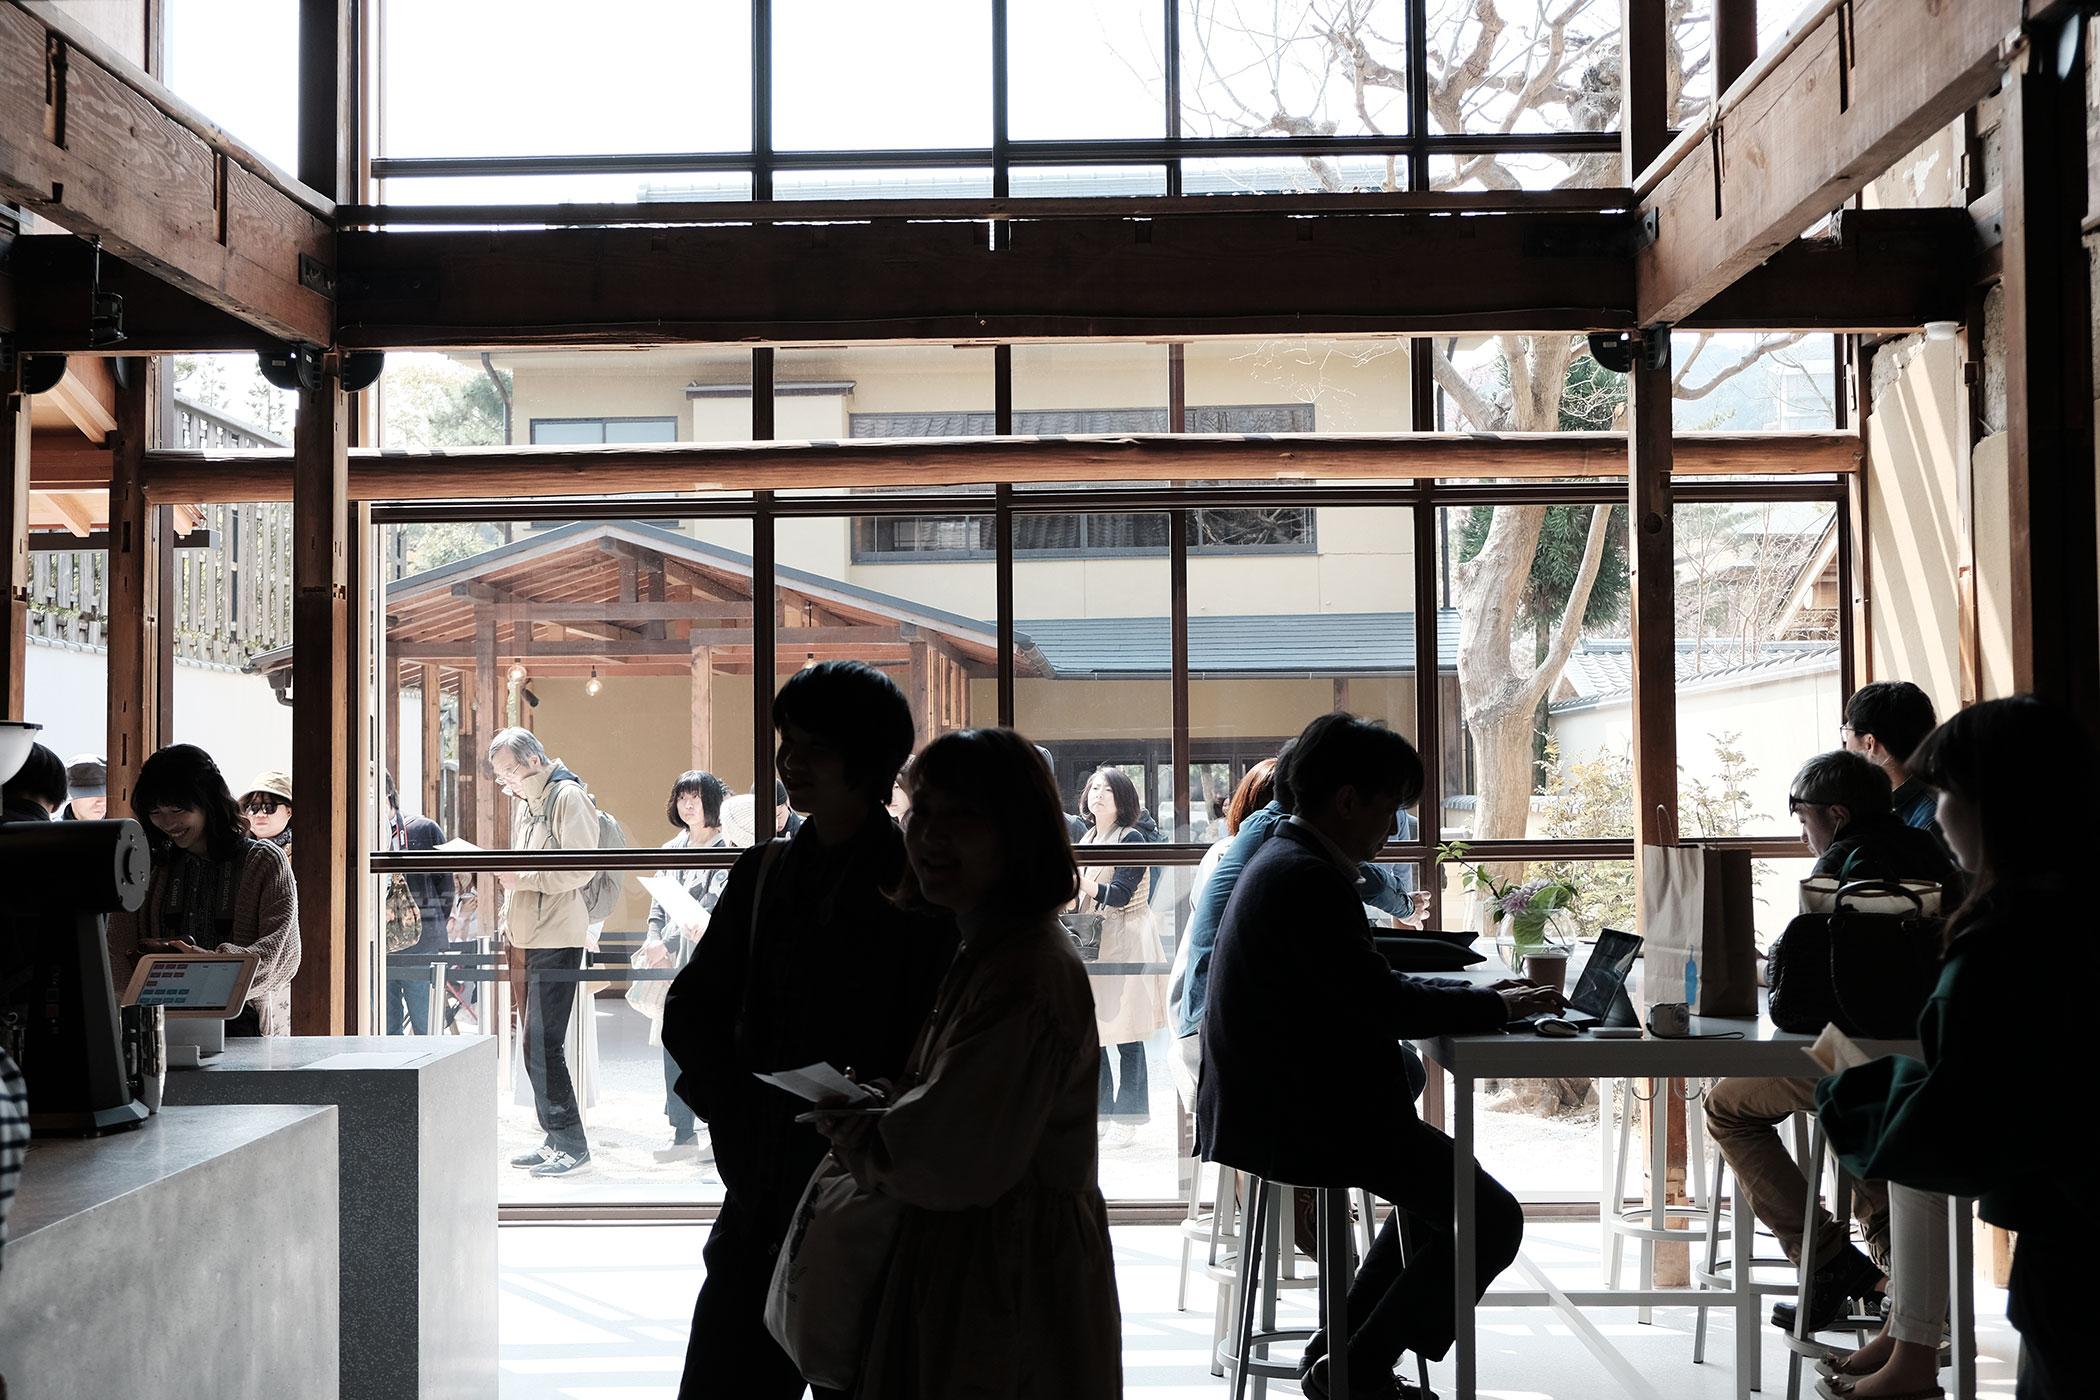 待望の初出店!ブルーボトルコーヒーの関西第一号は京都の南禅寺に ブルーボトルコーヒー 京都カフェ (BLUE BOTTLE COFFEE KYOTO) テーブル